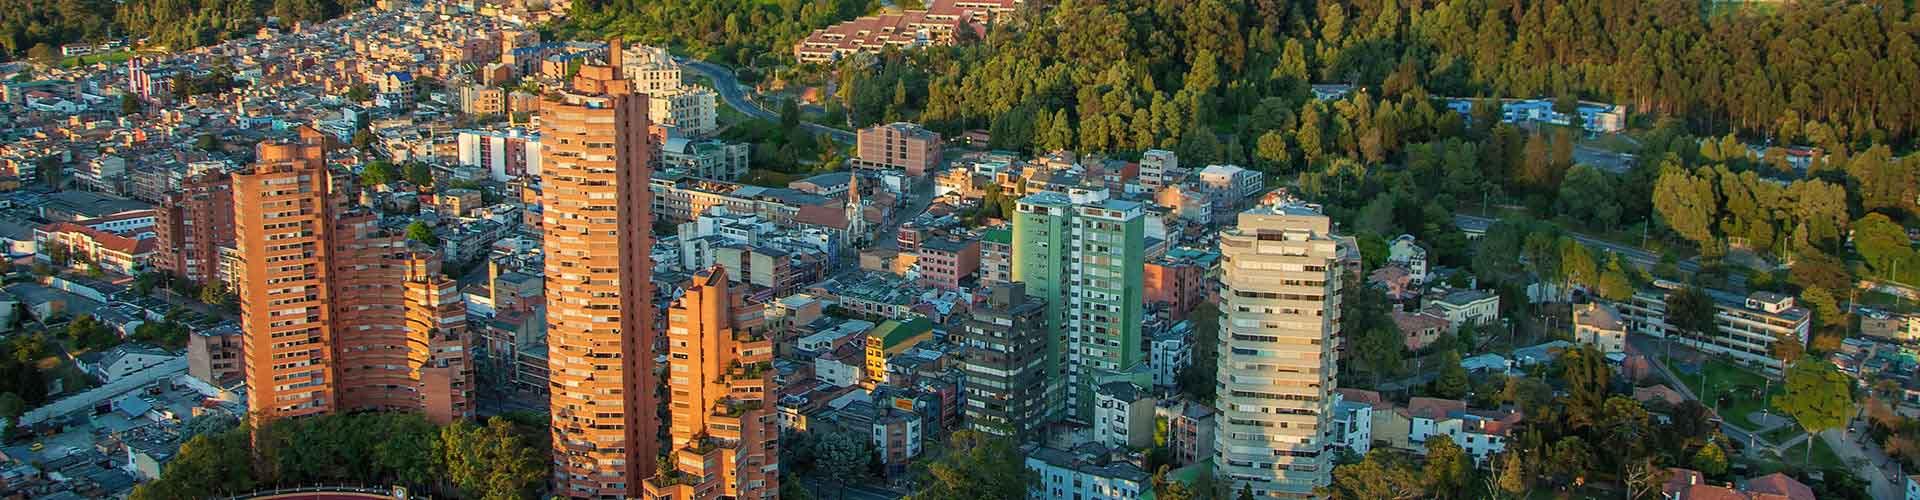 Bogota - Auberges de jeunesse dans le quartier de Zona Rosa. Cartes pour Bogota, photos et commentaires pour chaque auberge de jeunesse à Bogota.